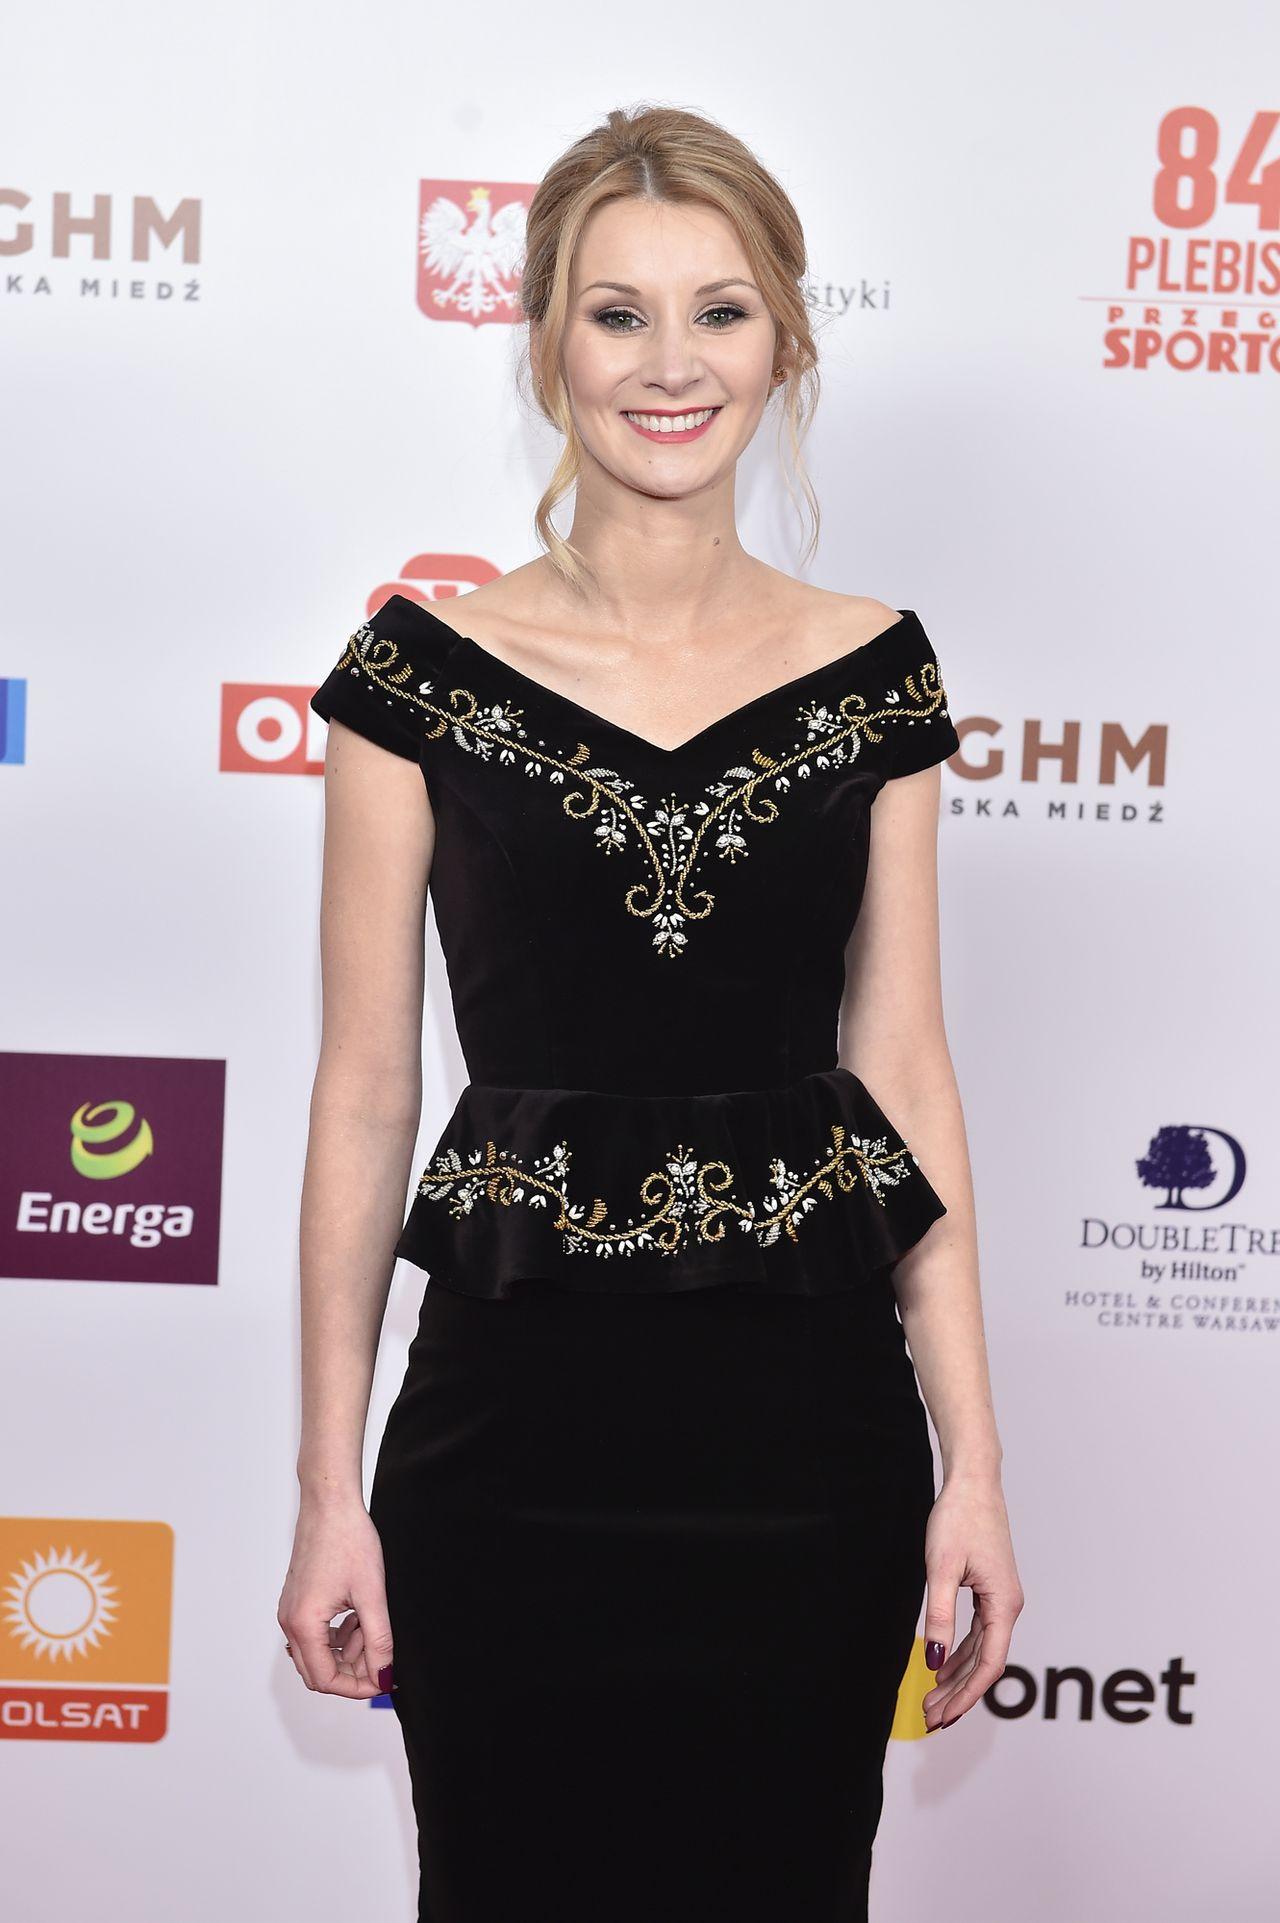 Żona Kamila Stocha reprezentowała męża na Gali Mistrzów Sportu